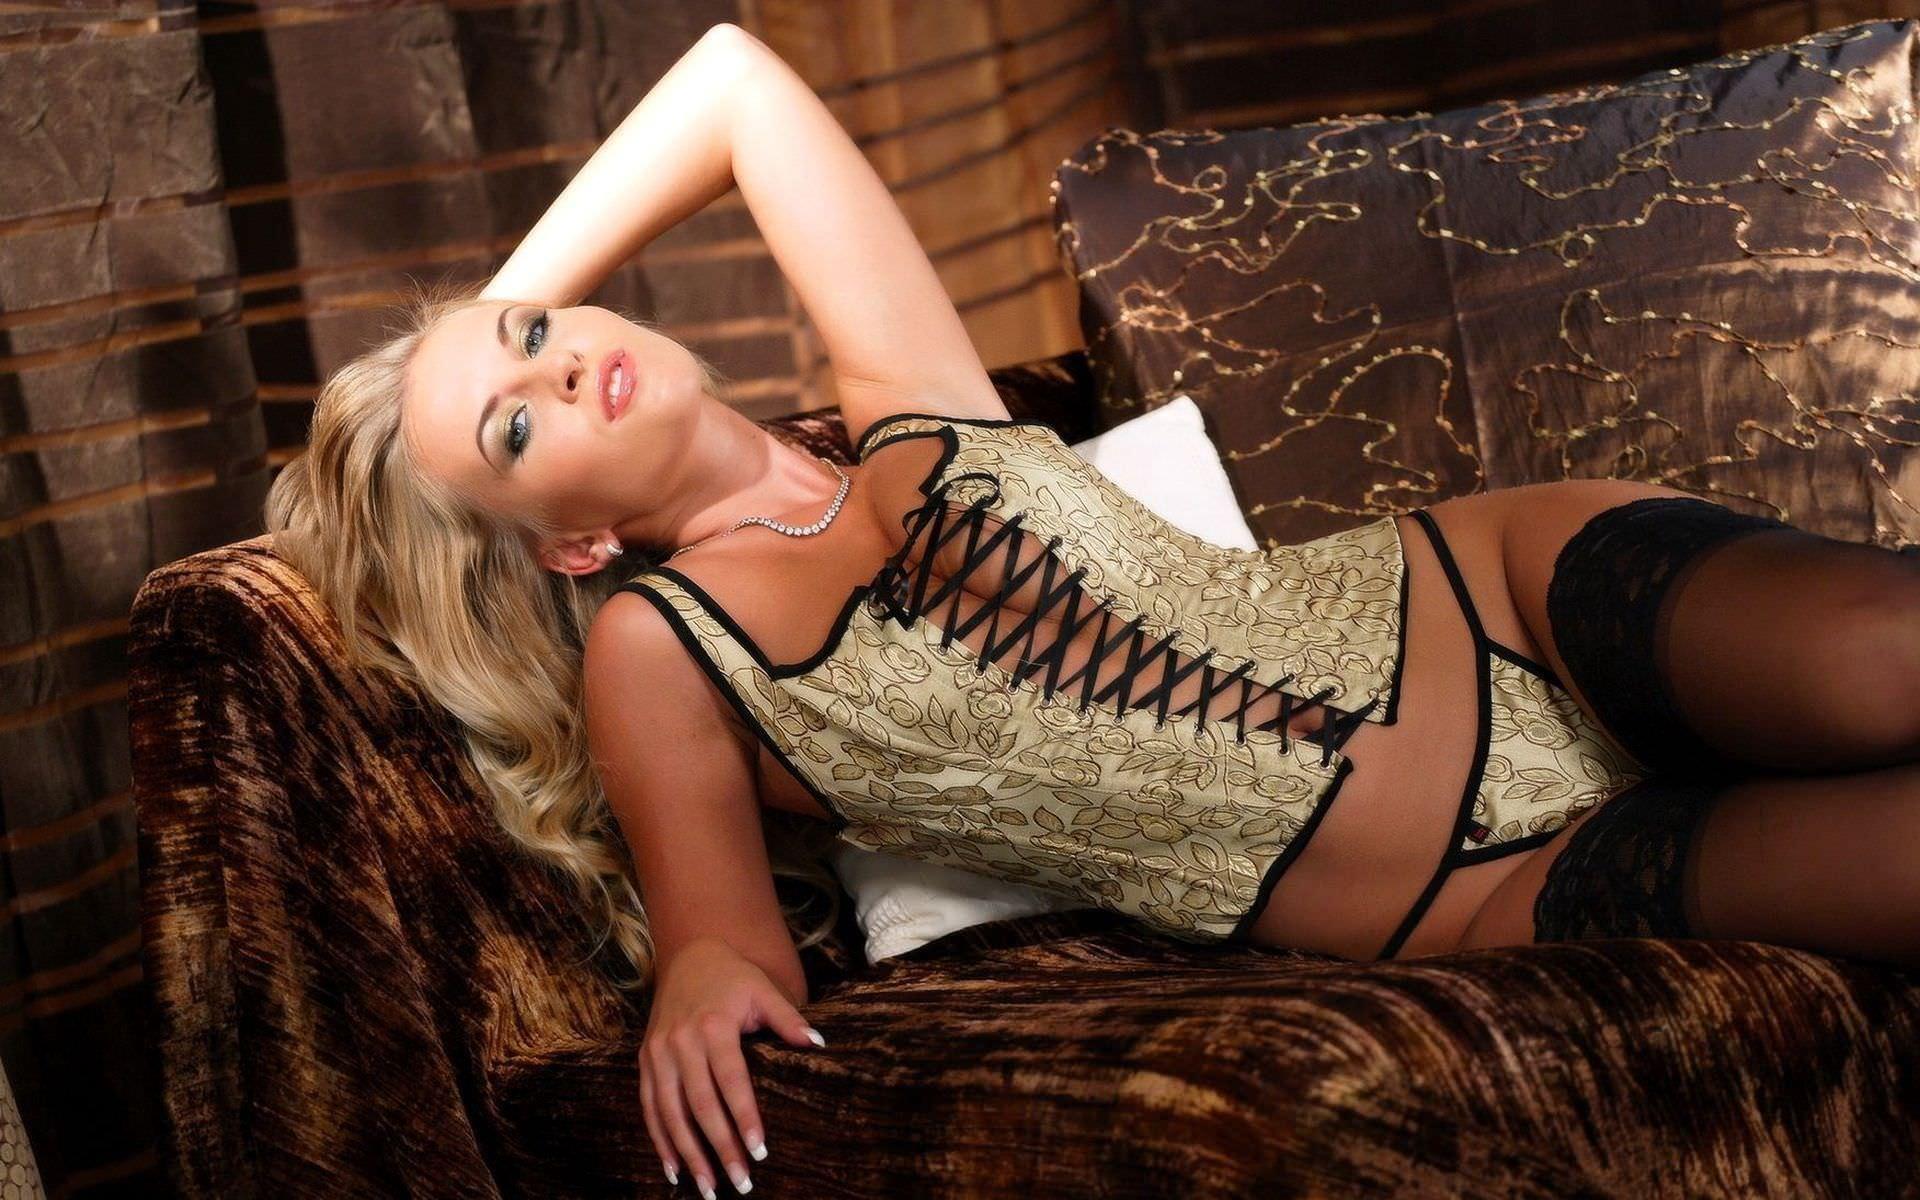 Фото блондинок в кожаных корсетах 11 фотография